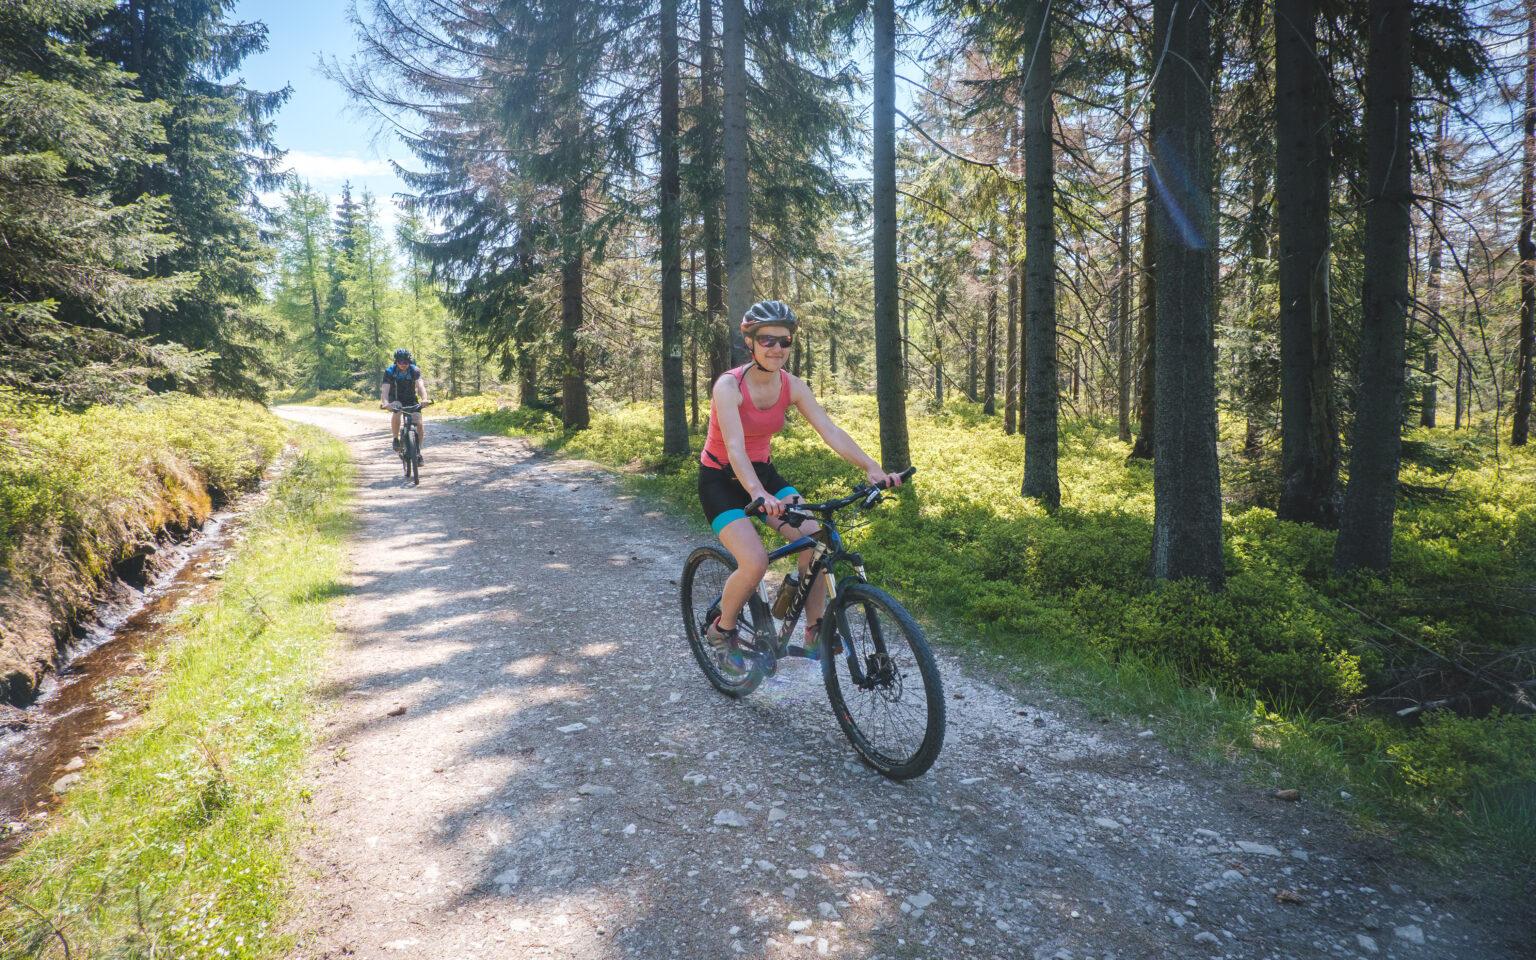 Całka jedzie na rowerze po szlakach w Górach Izerskich